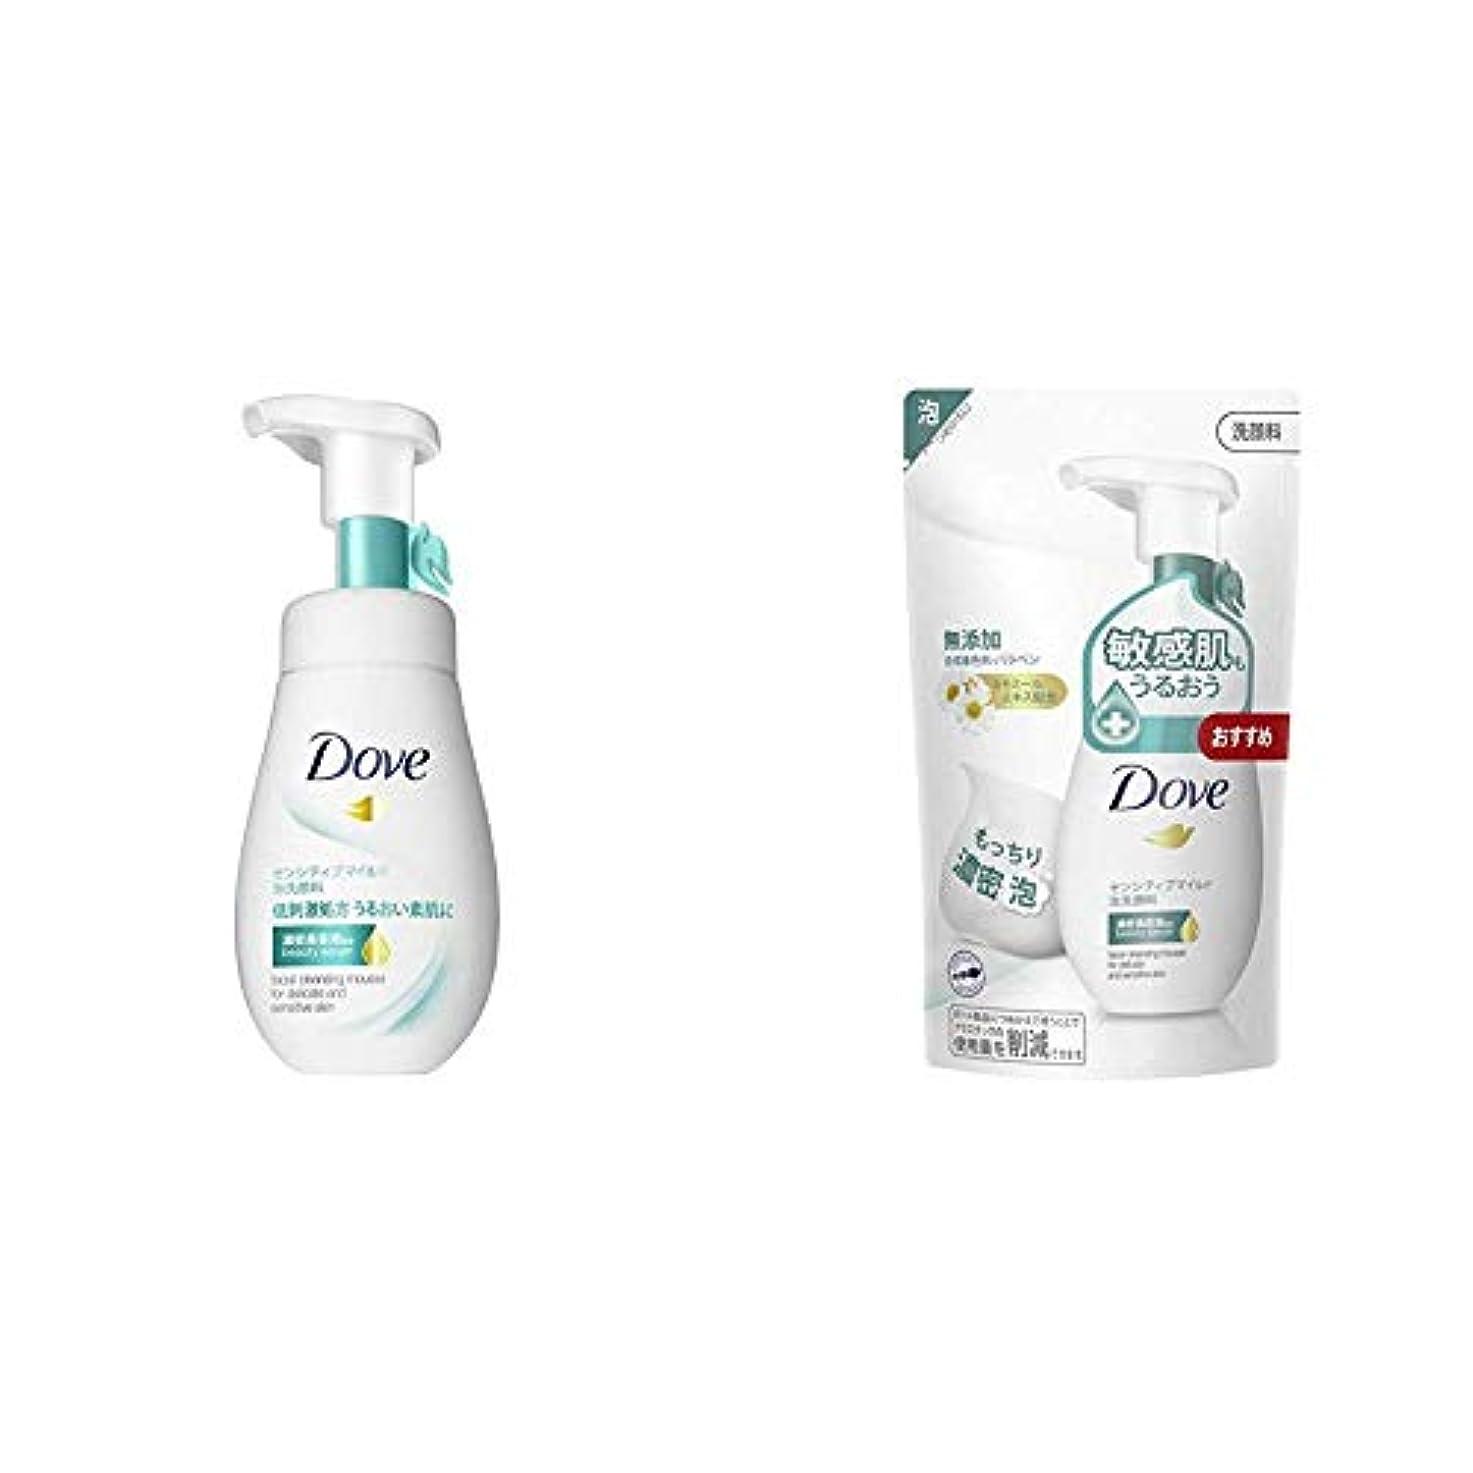 方法まつげとげダヴ センシティブマイルド クリーミー泡洗顔料 敏感肌用 160mL & センシティブマイルド クリーミー泡洗顔料 つめかえ用 敏感肌用 140mL